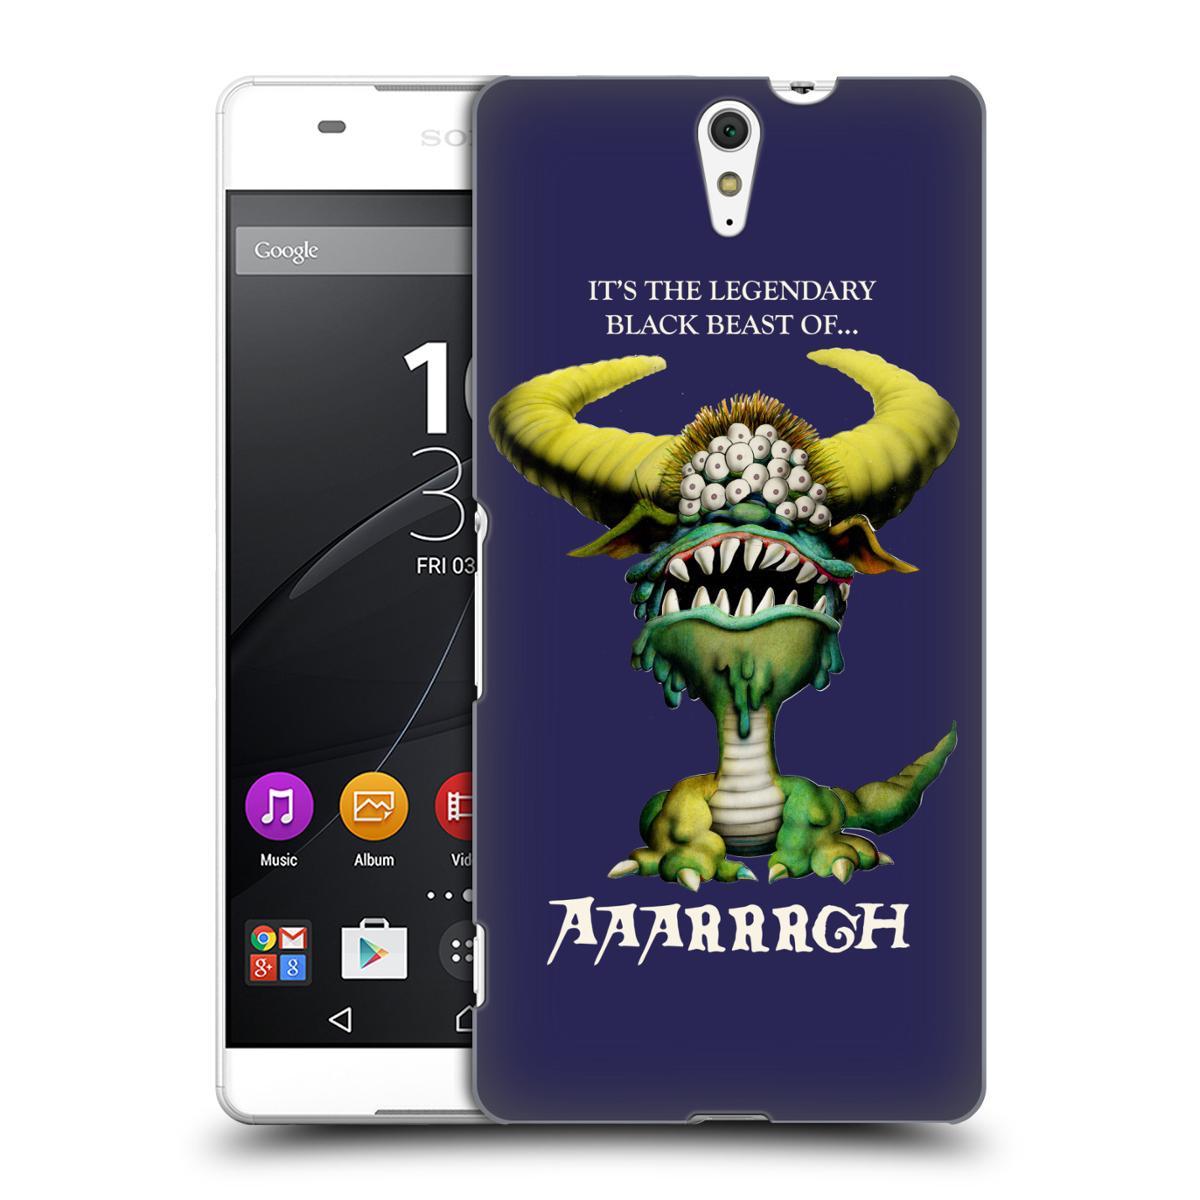 スマートフォン・携帯電話アクセサリー, ケース・カバー  MONTY PYTHON SONY 2